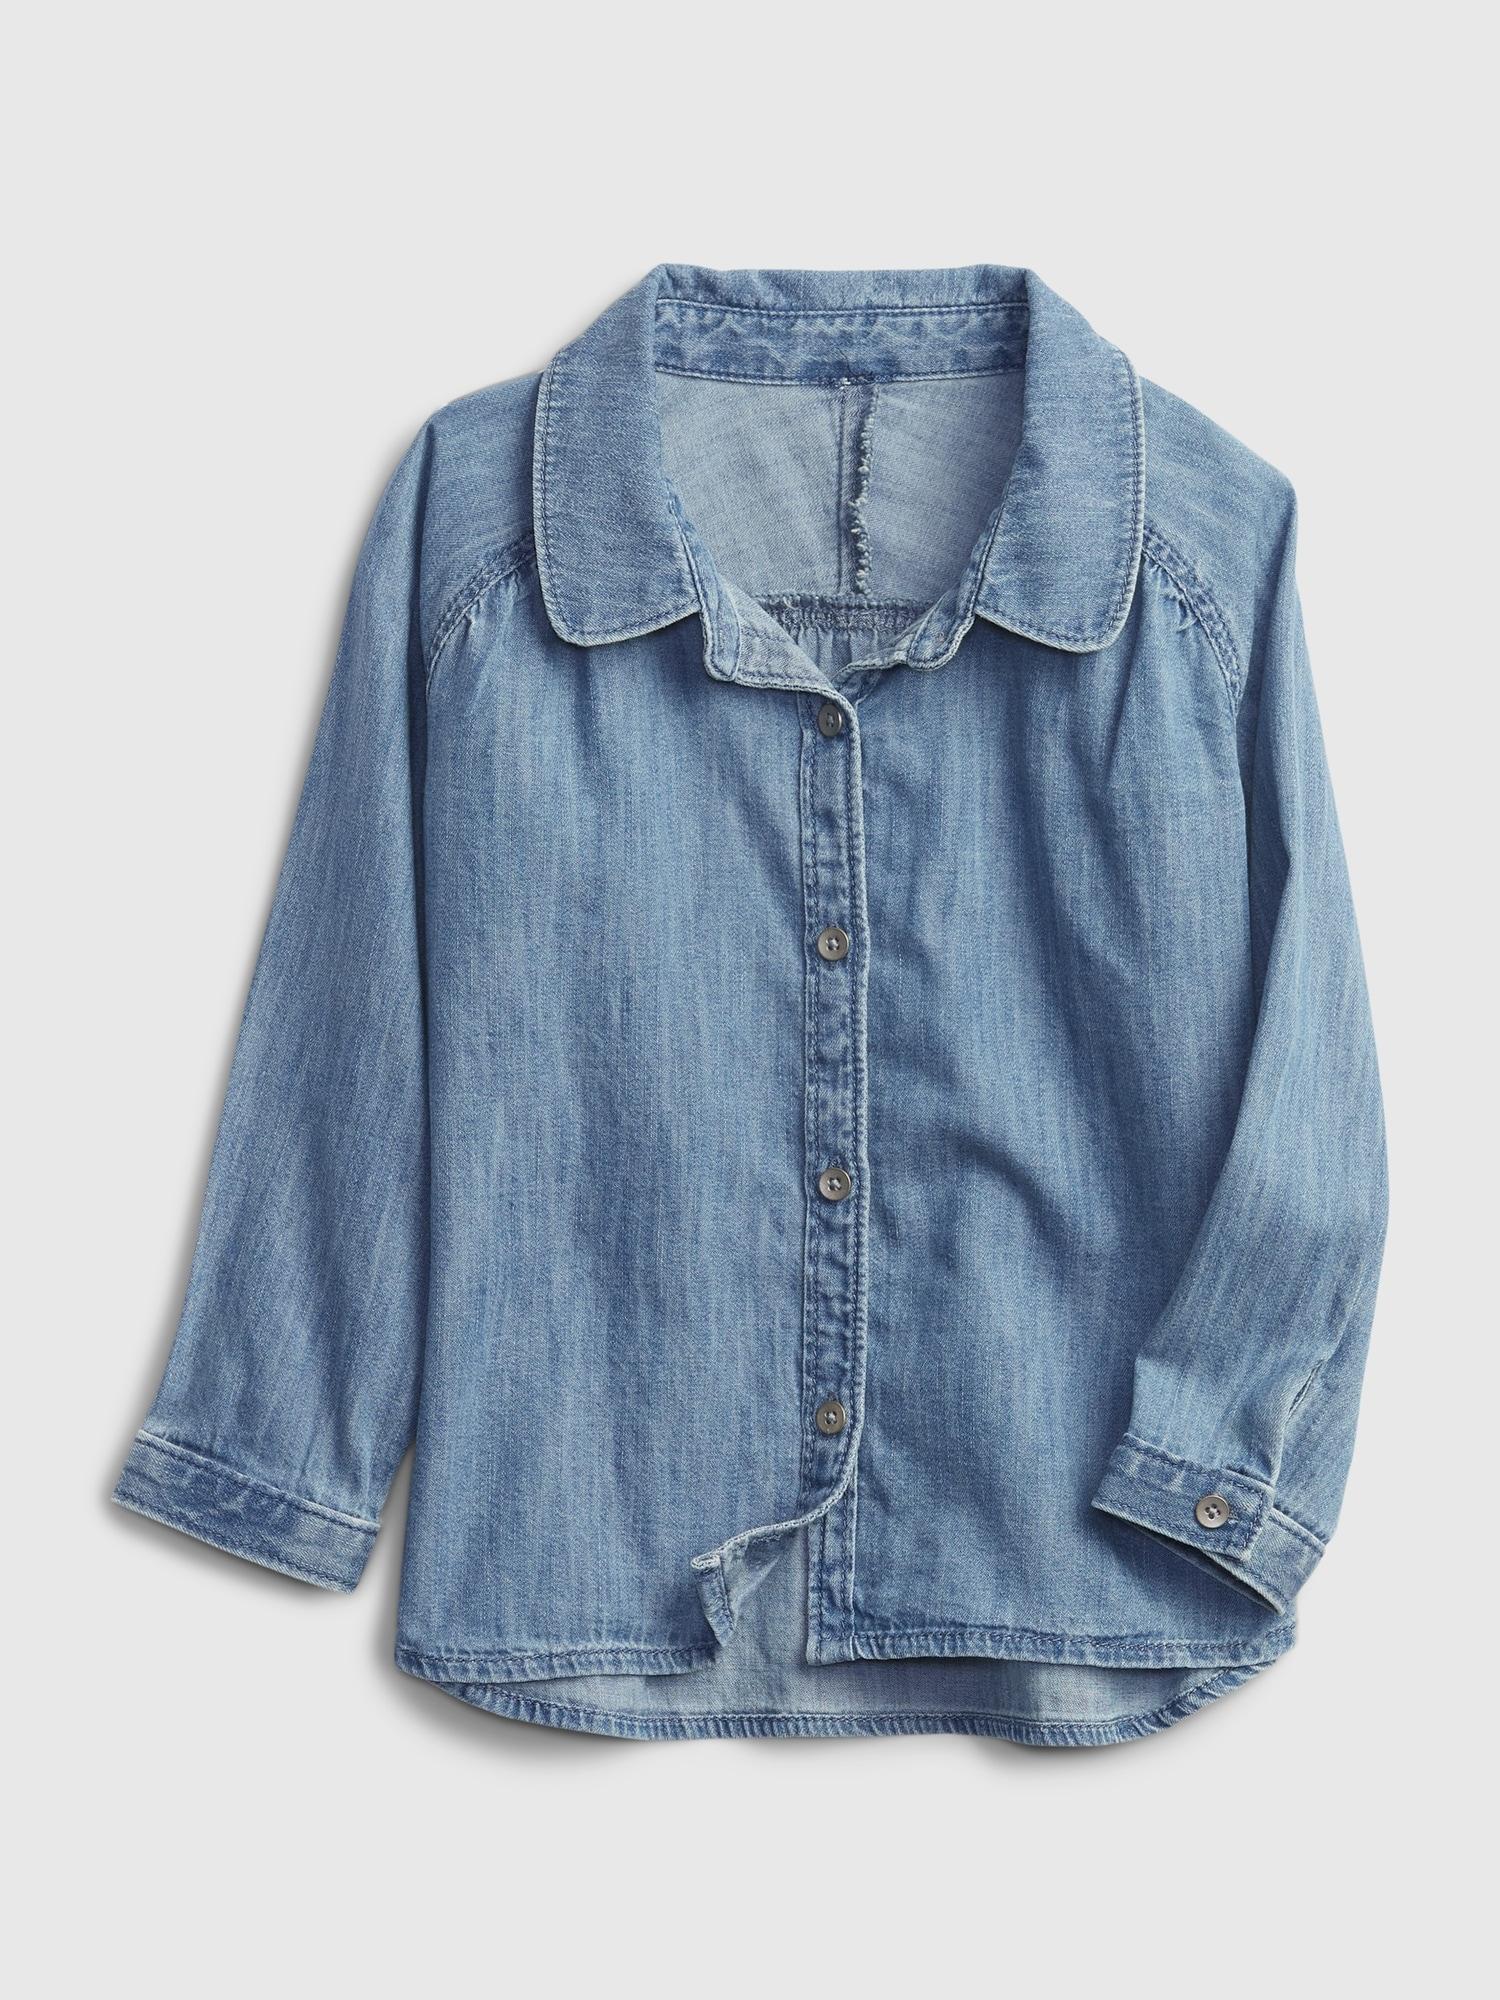 オーガニックコットン100% デニムシャツ (幼児)